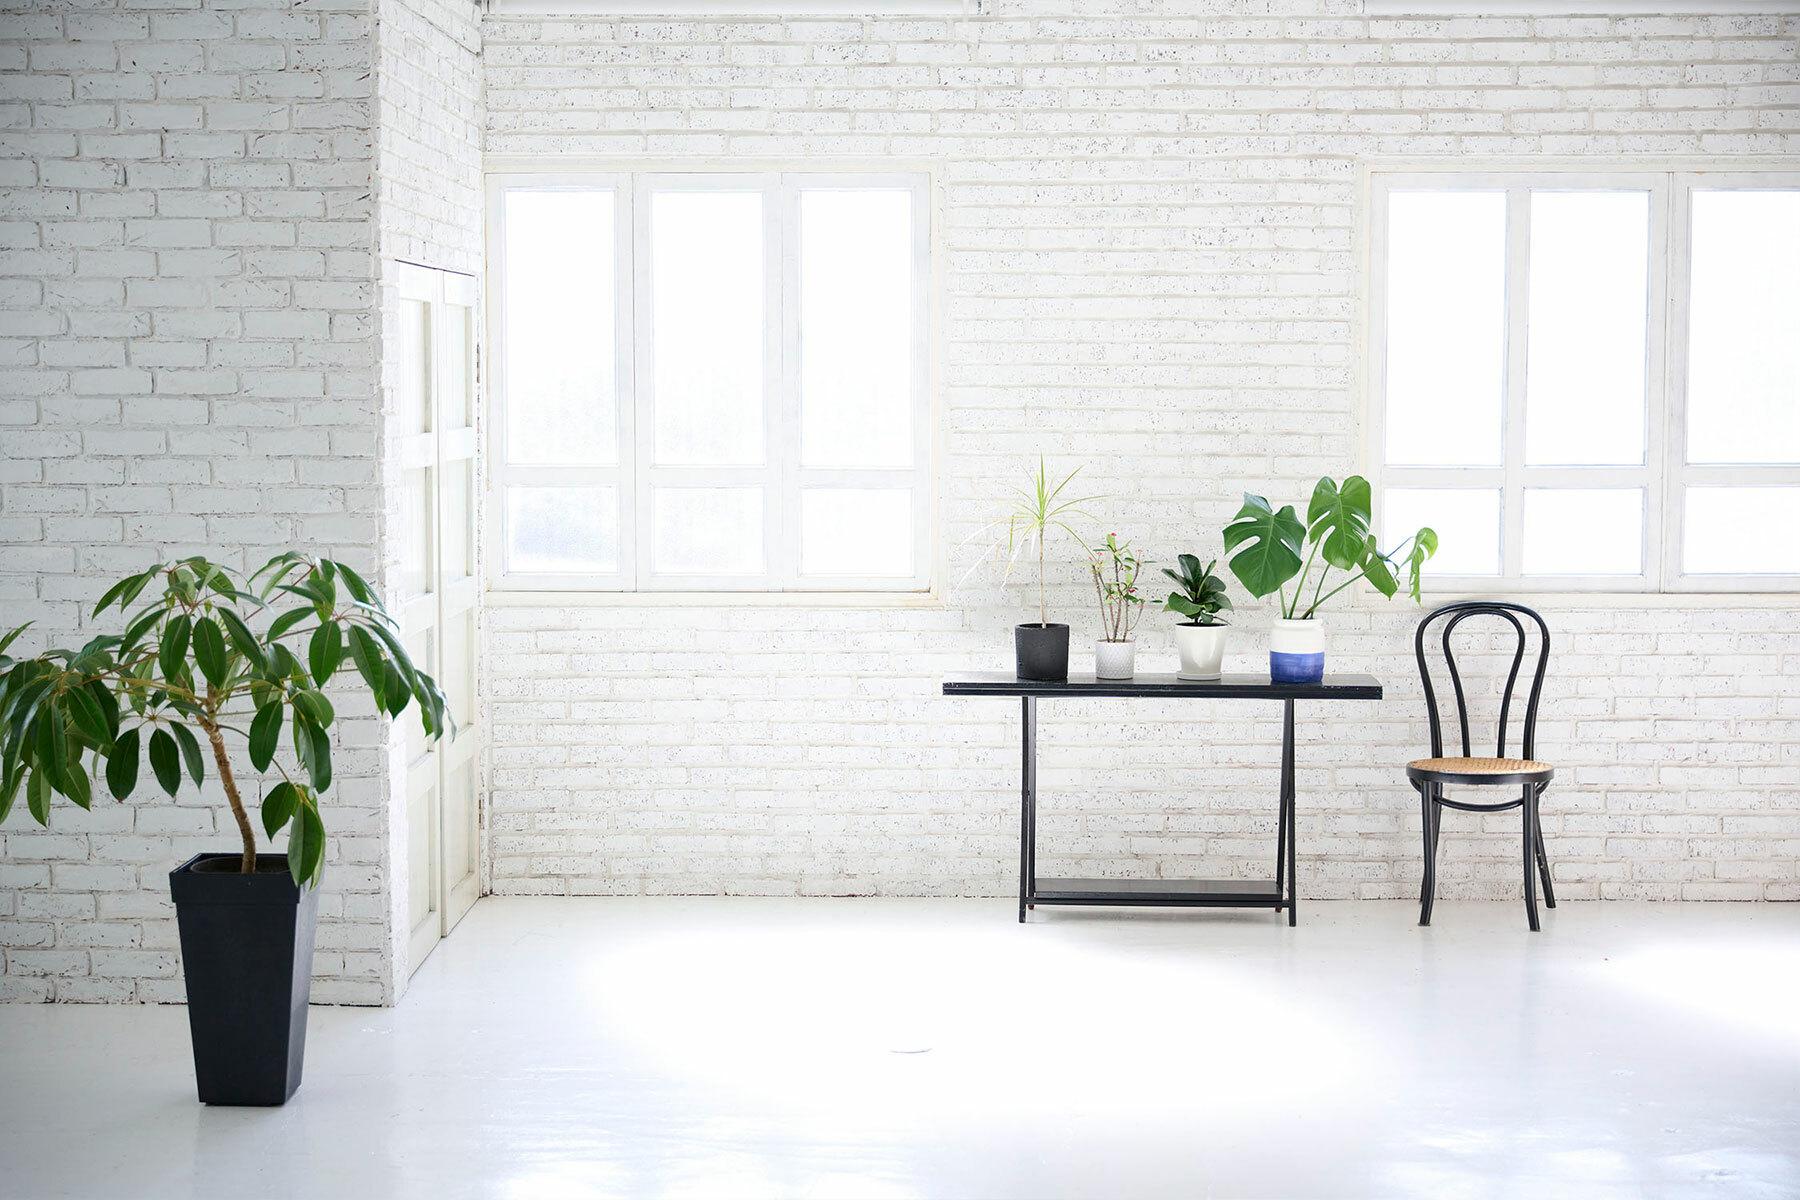 STUDIO FOGLIA 2st (スタジオ フォグリア 2st)白壁に古材床も敷けます